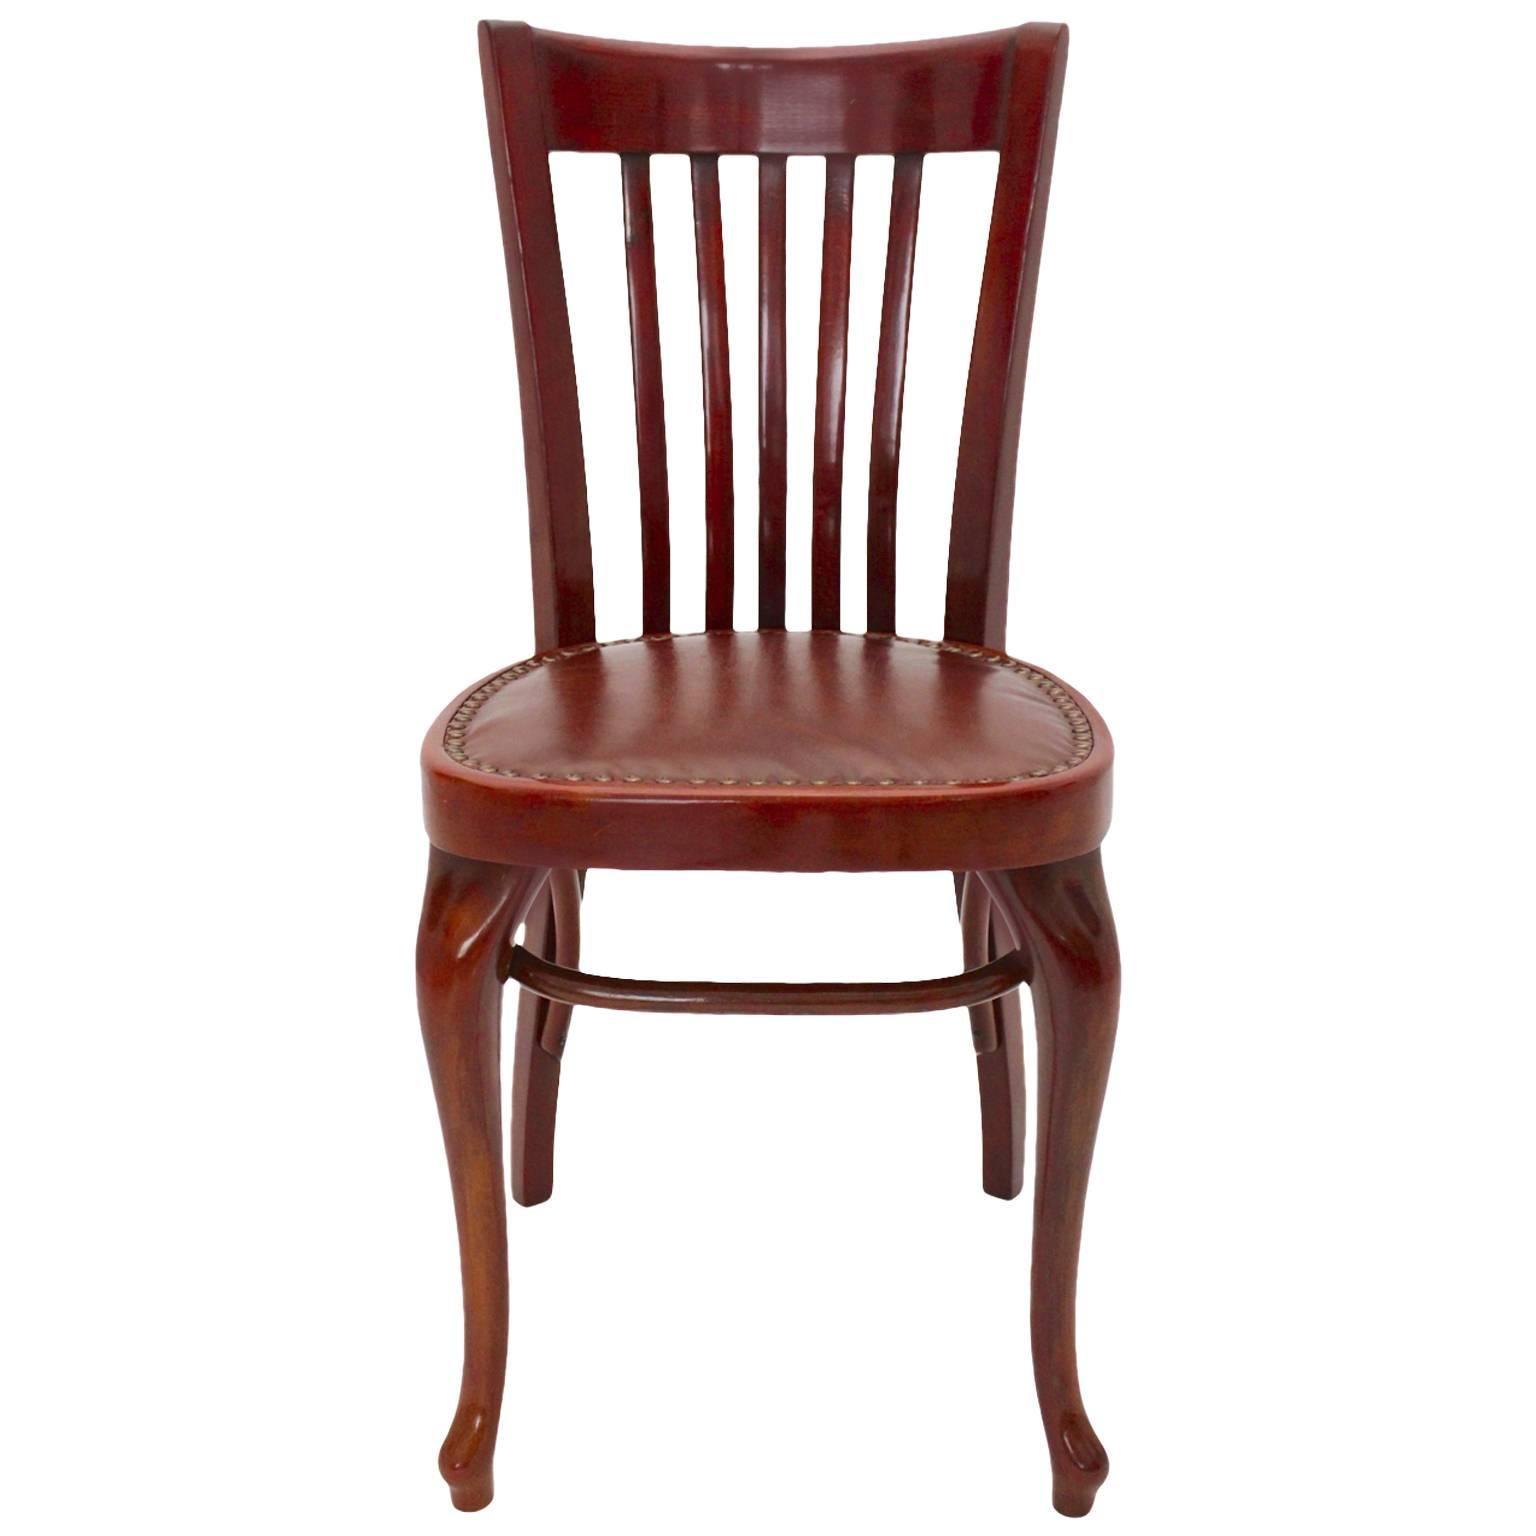 Jugendstil Vintage Thonet Chair No 519 Adolf Loos for Cafe Capua Vienna 1913